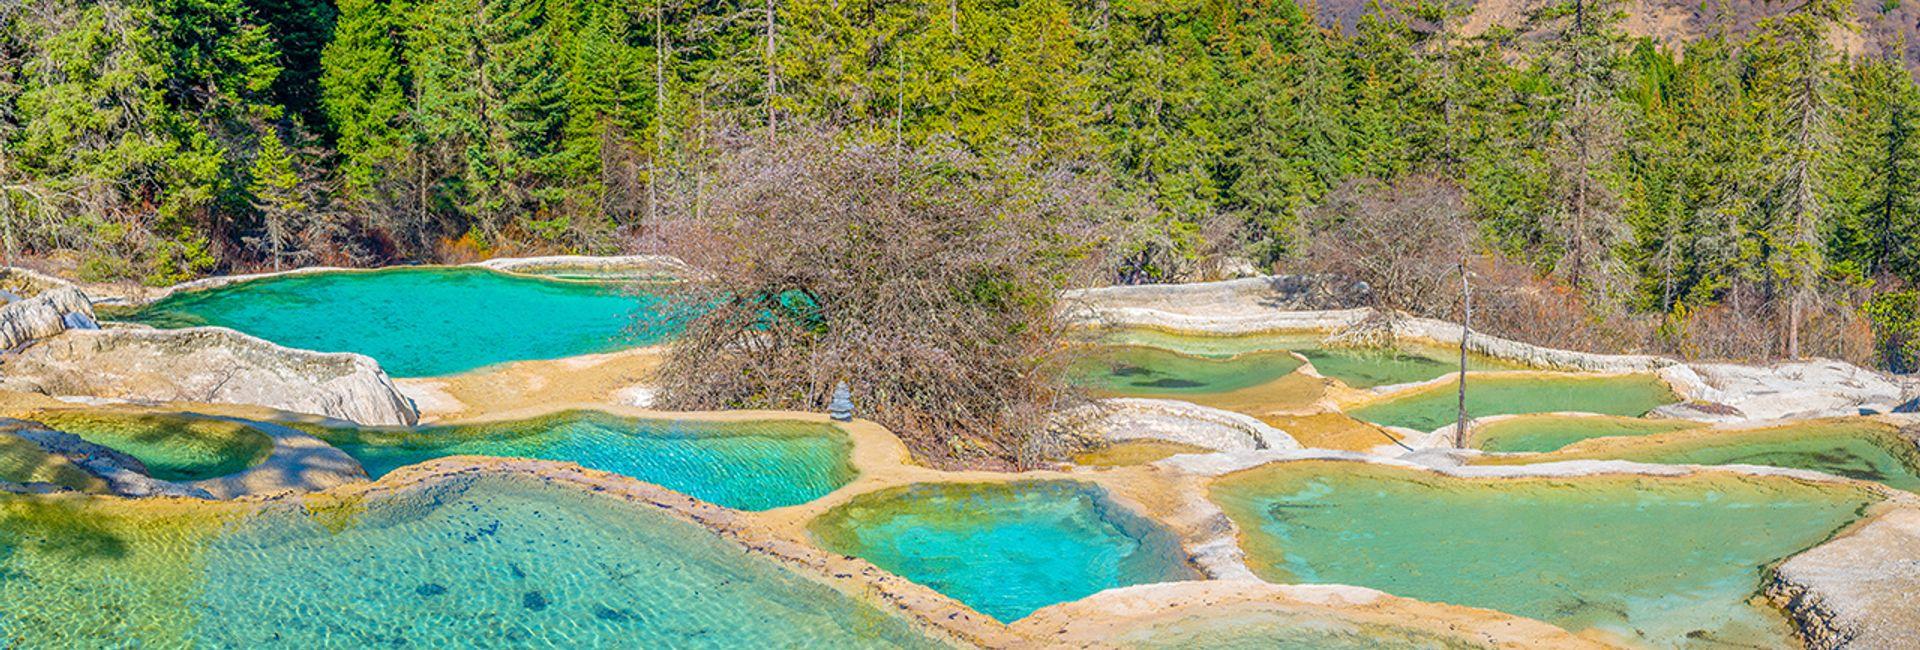 Nên đi du lịch Cửu Trại Câu vào thời điểm nào trong năm?